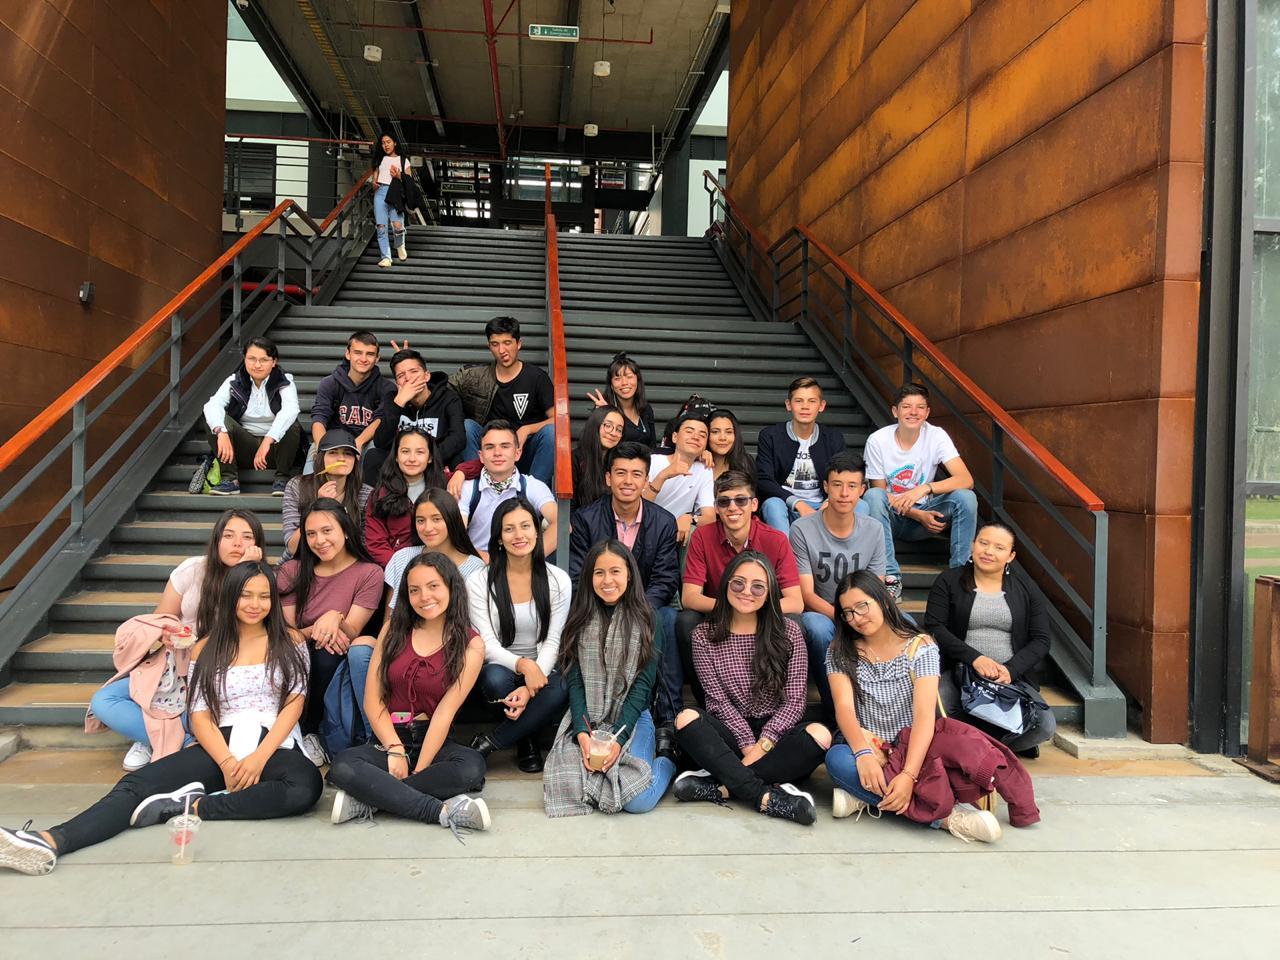 Visita del Colegio San Viator a universidades de Bogotá, Javeriana, Externado, La Sabana y Escuela de Ingeniería